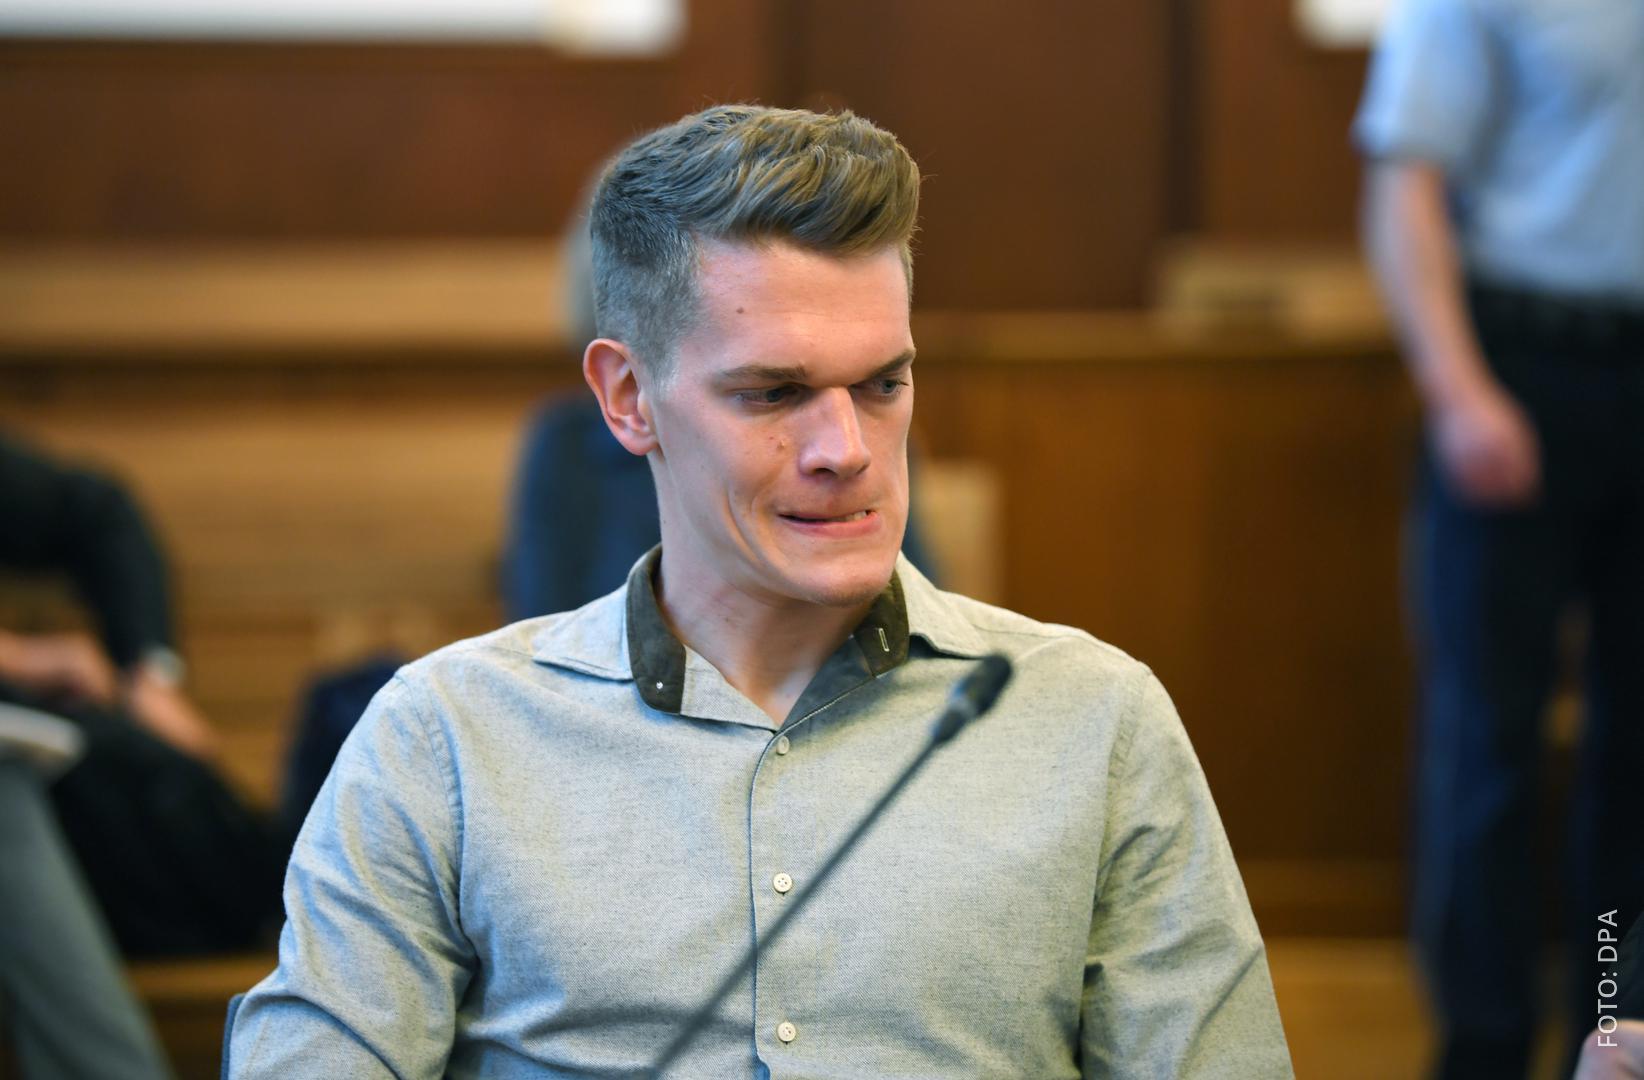 Matthias Ginter im Gerichtssaal